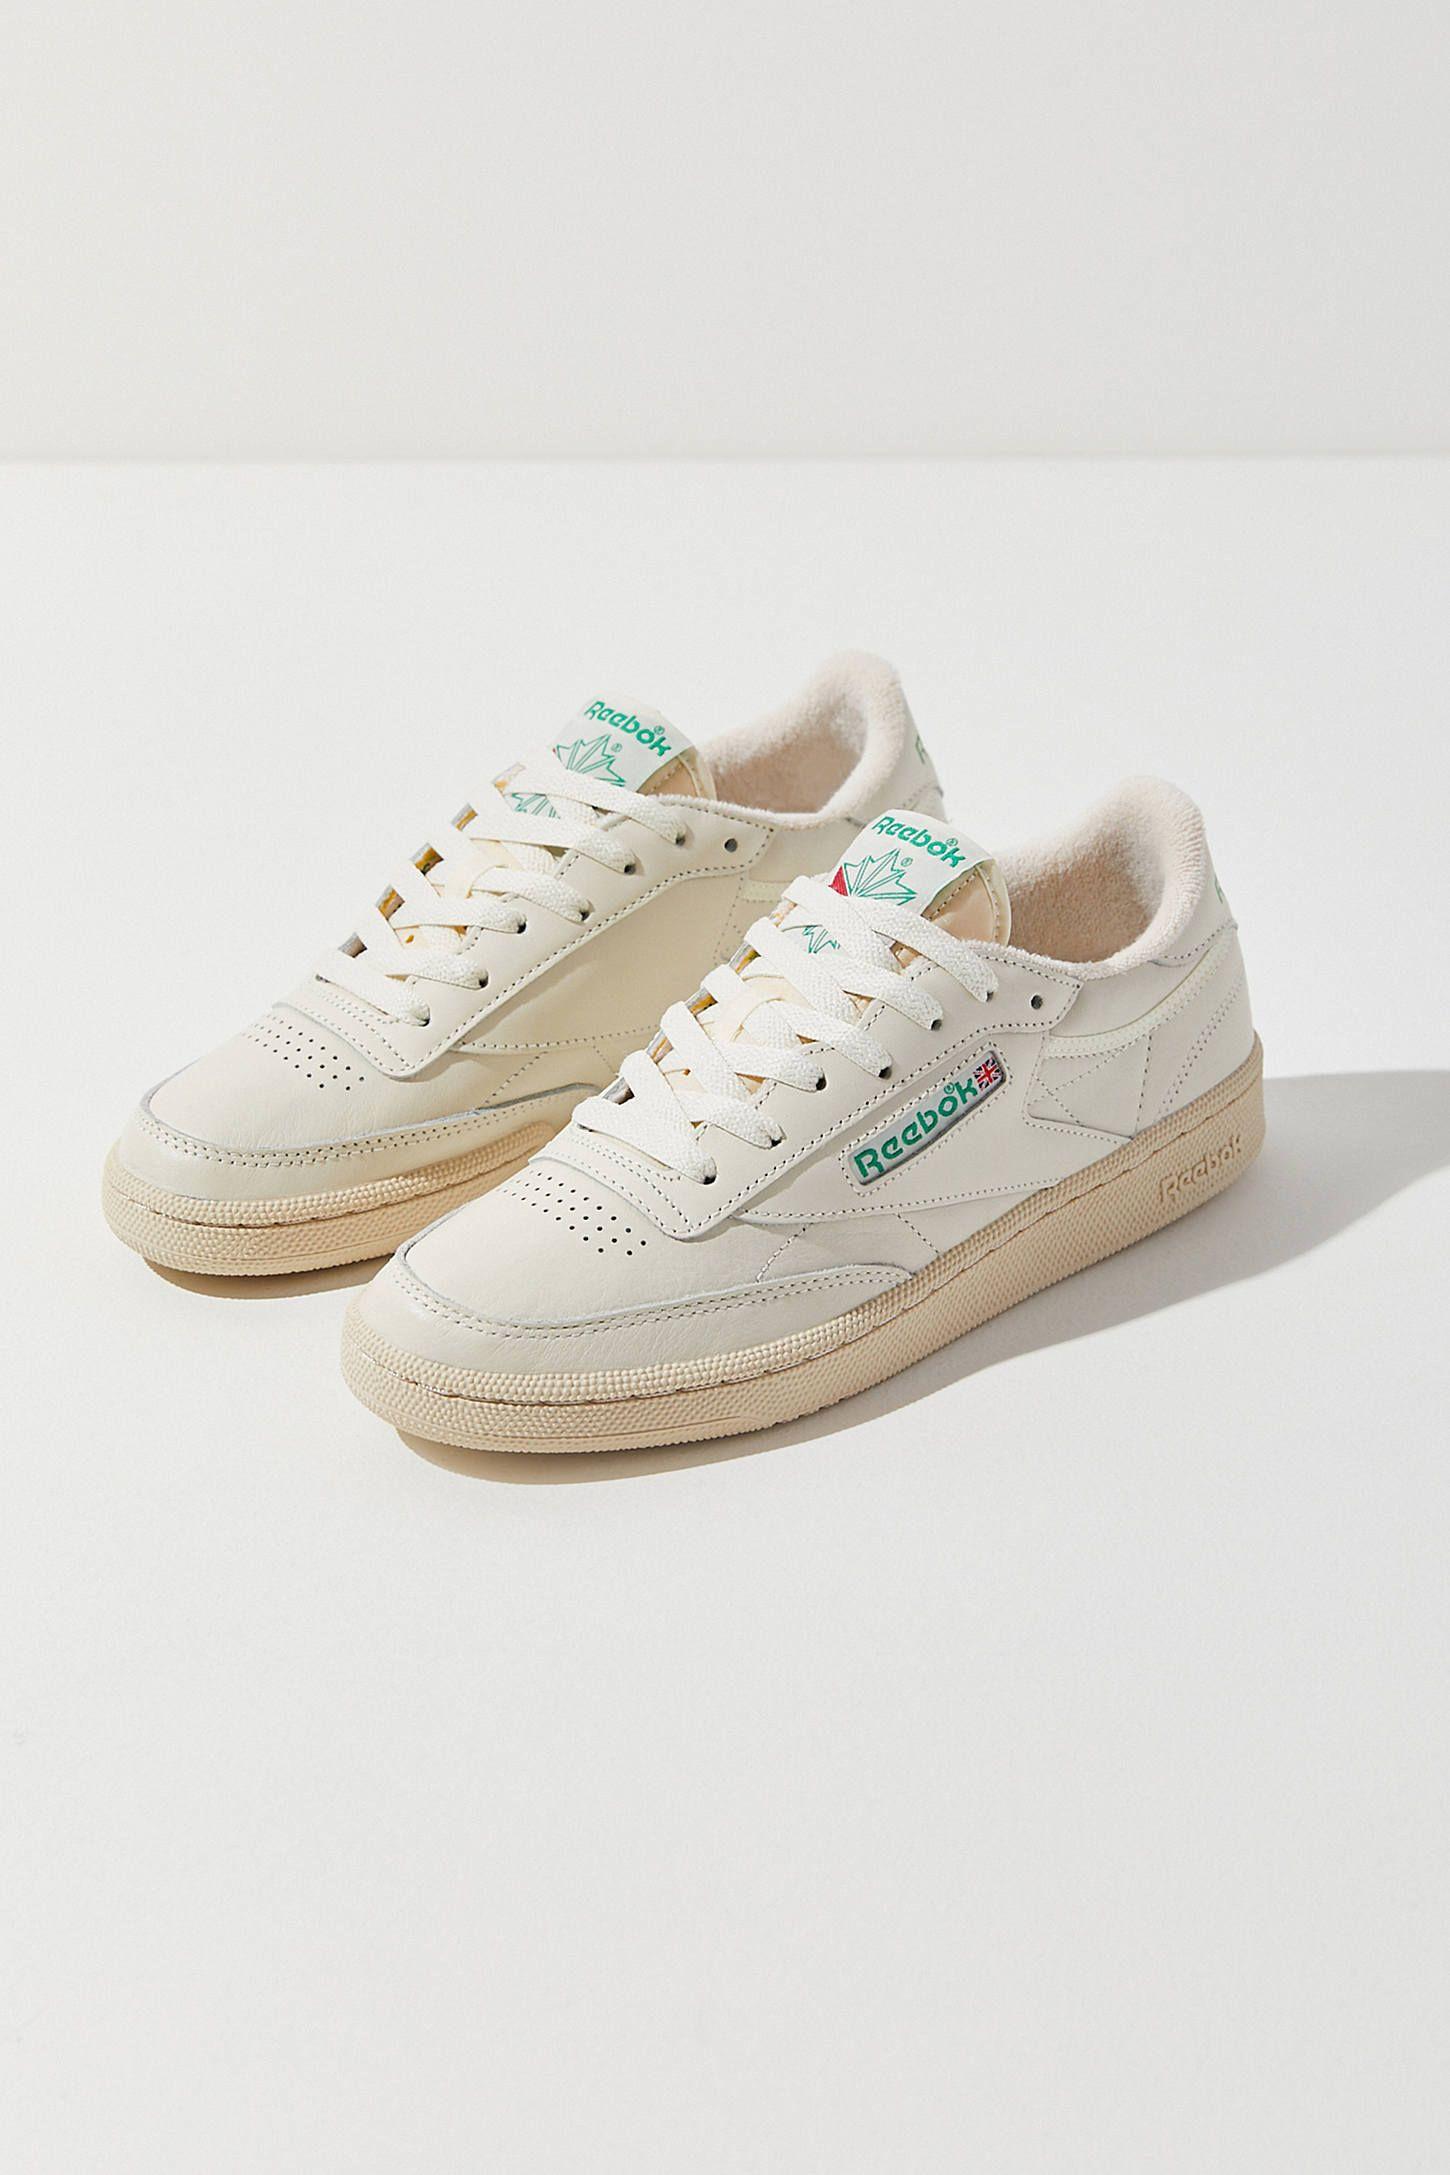 Reebok Club C Vintage Sneaker   Vintage